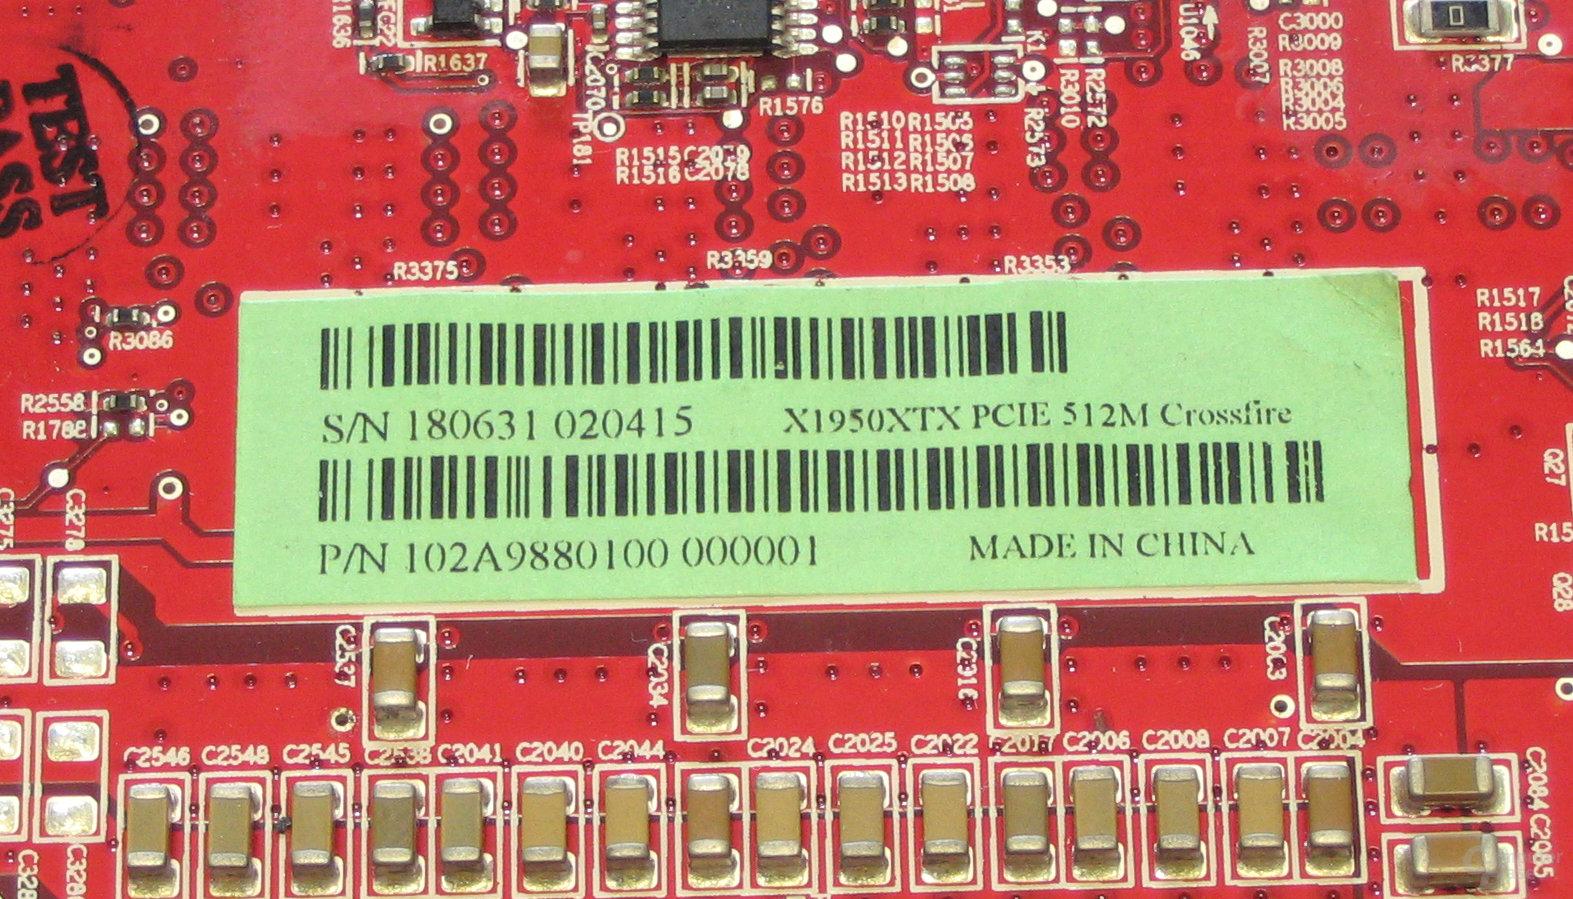 Radeon X1950 CrossFire Beschriftung